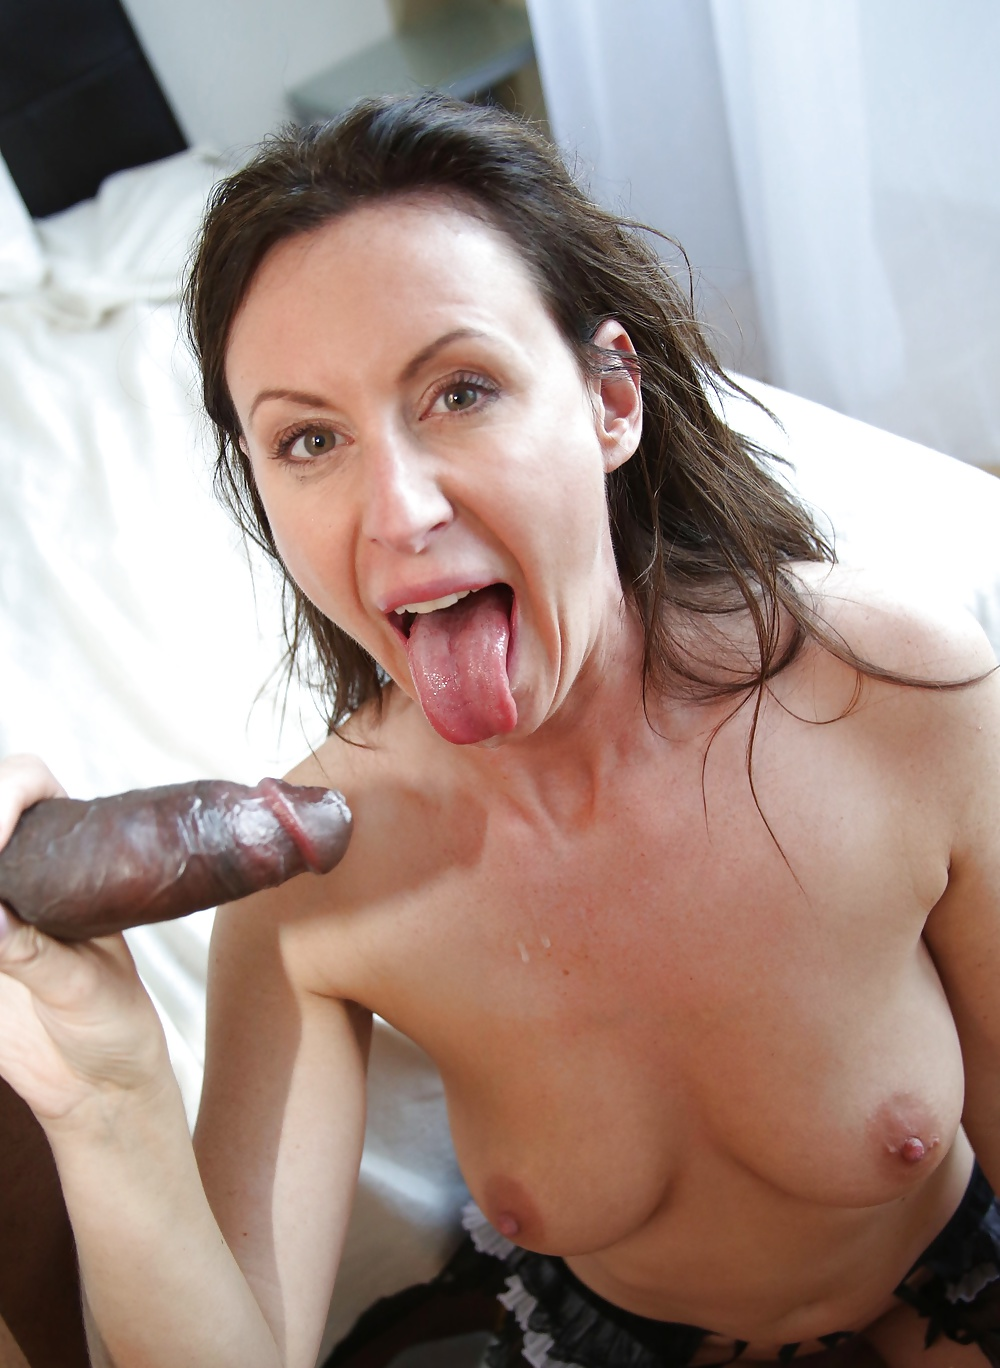 British Milf Michelle Manzer